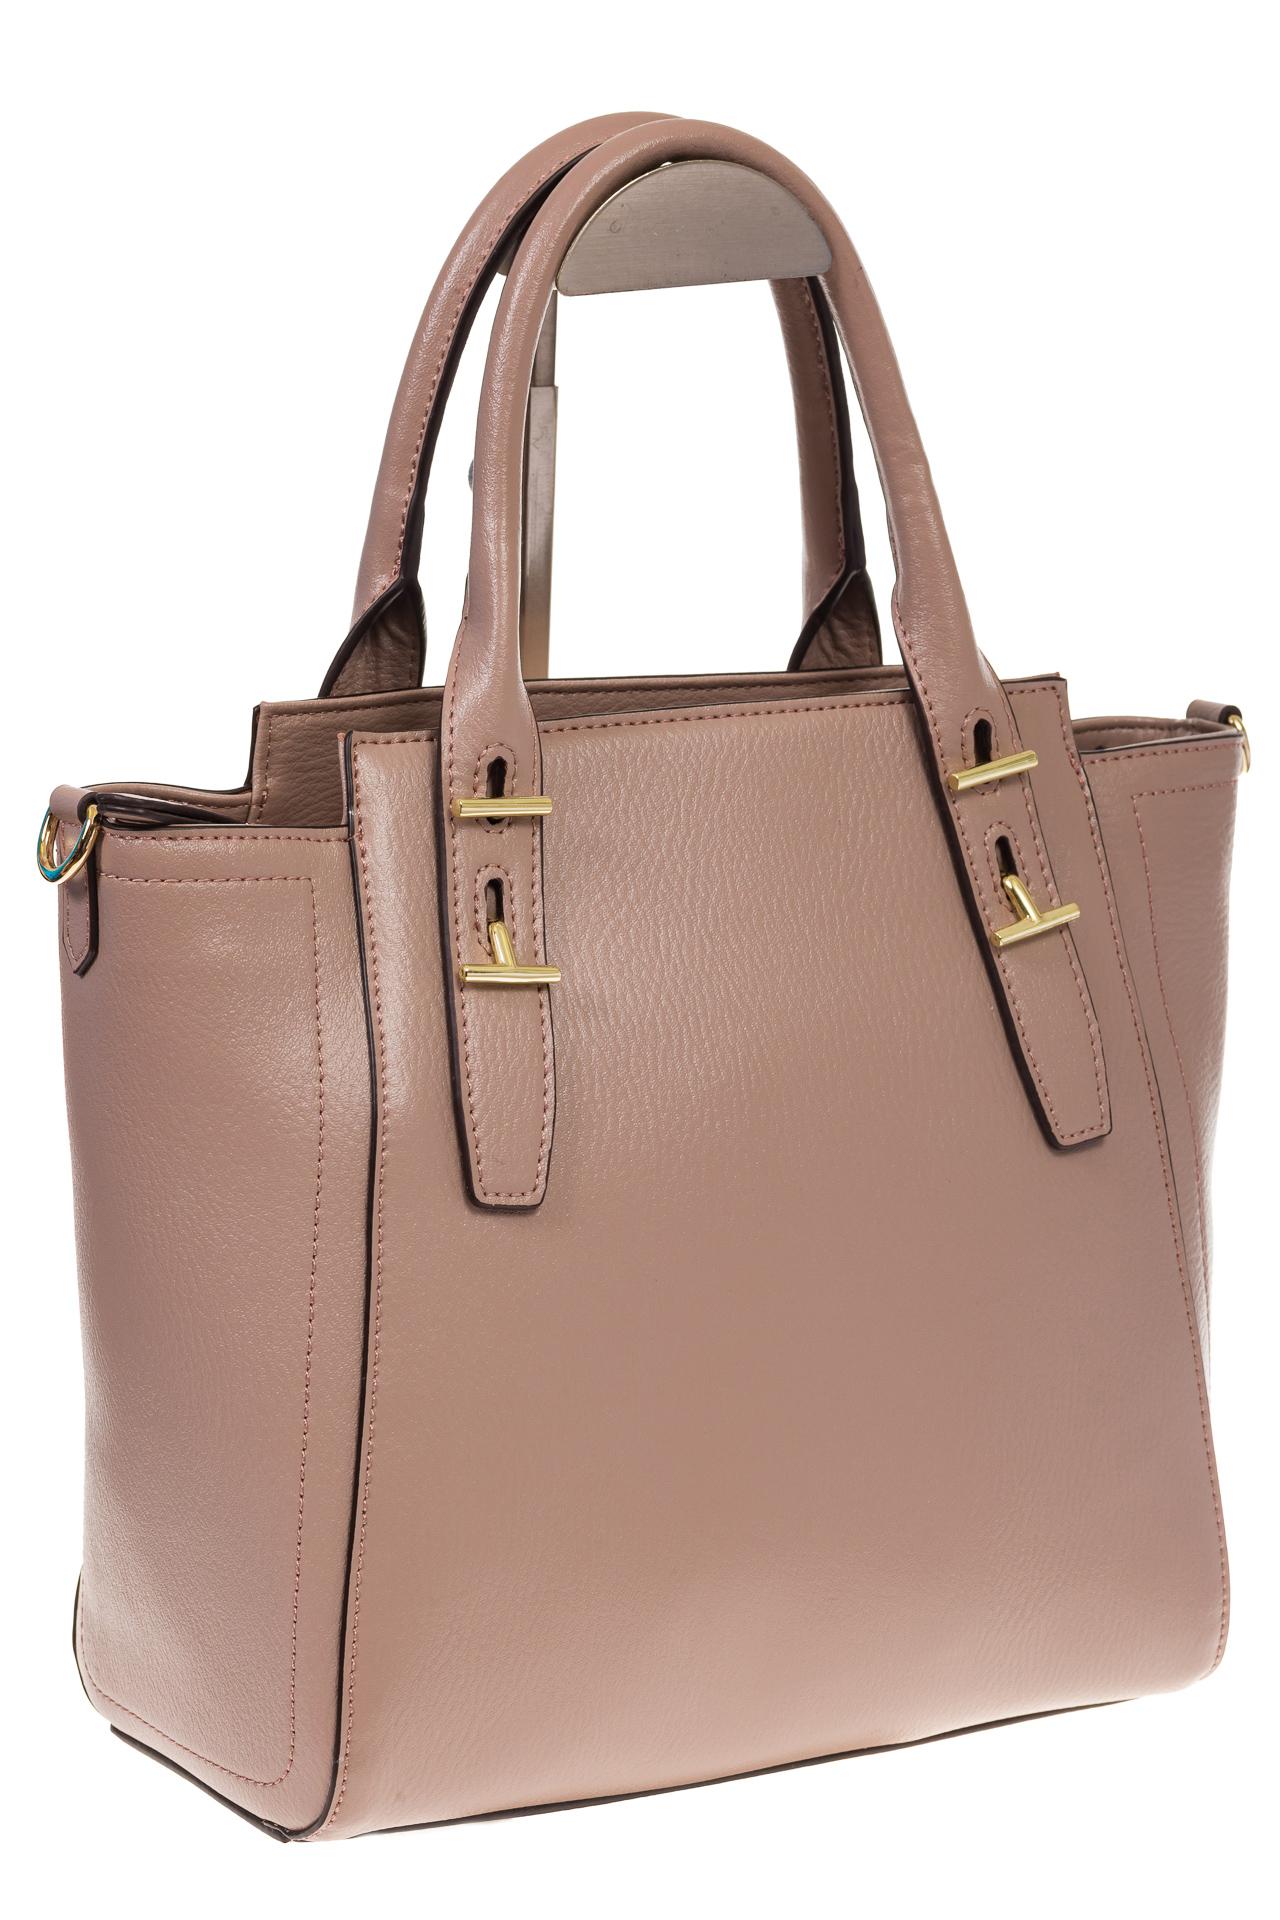 Бежевая сумка-трапеция из натуральной кожи 317   на изображении